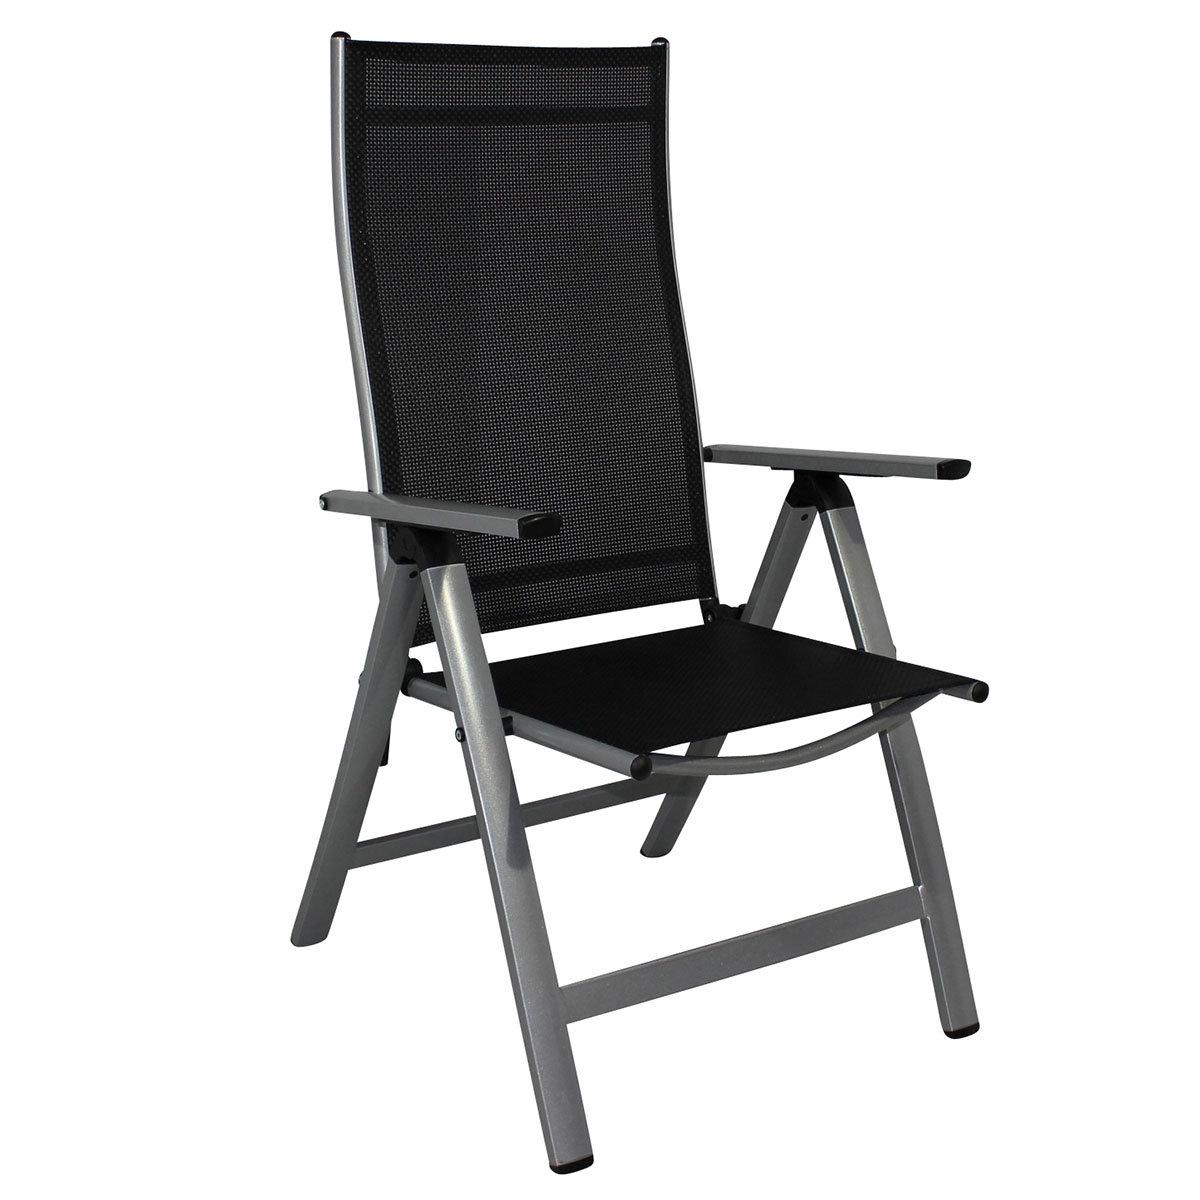 garten klappstuhl sun garden von g rtner p tschke. Black Bedroom Furniture Sets. Home Design Ideas